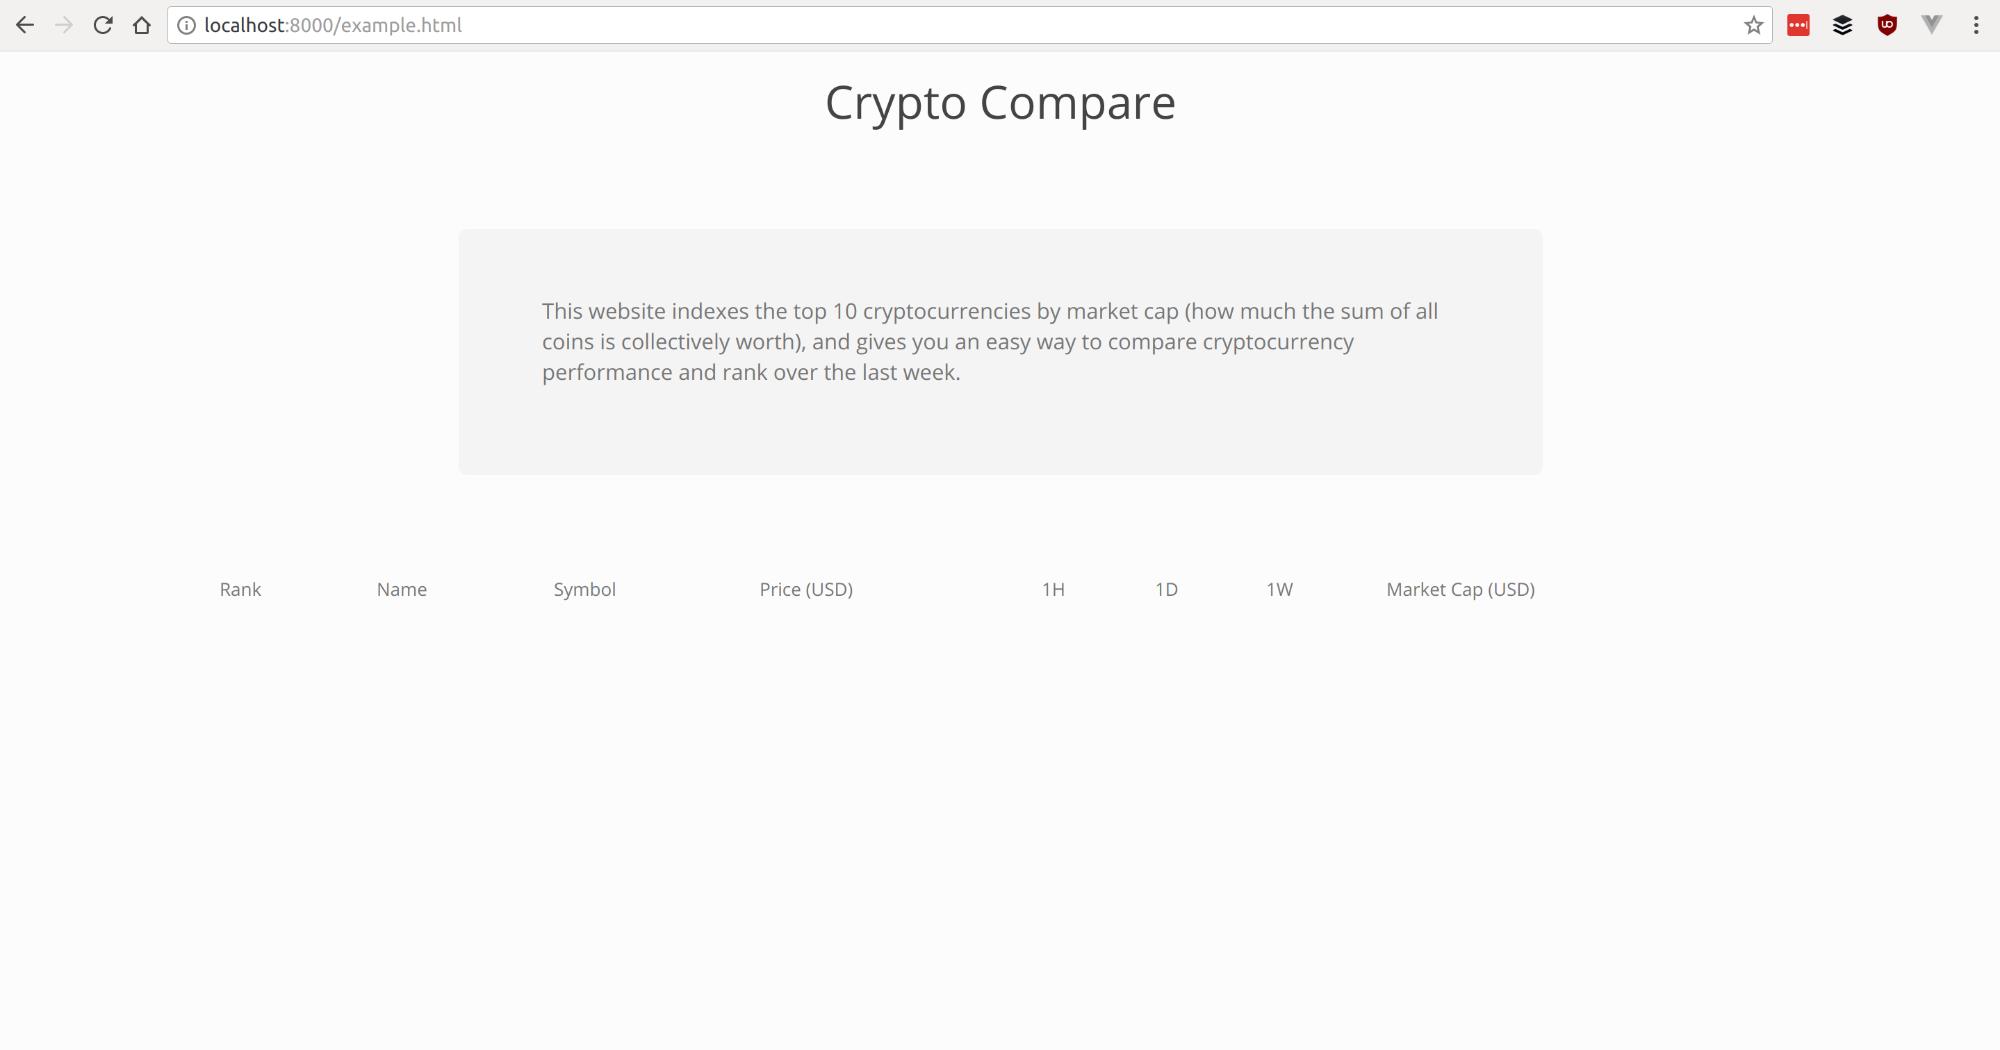 Cryptocompare Screenshot